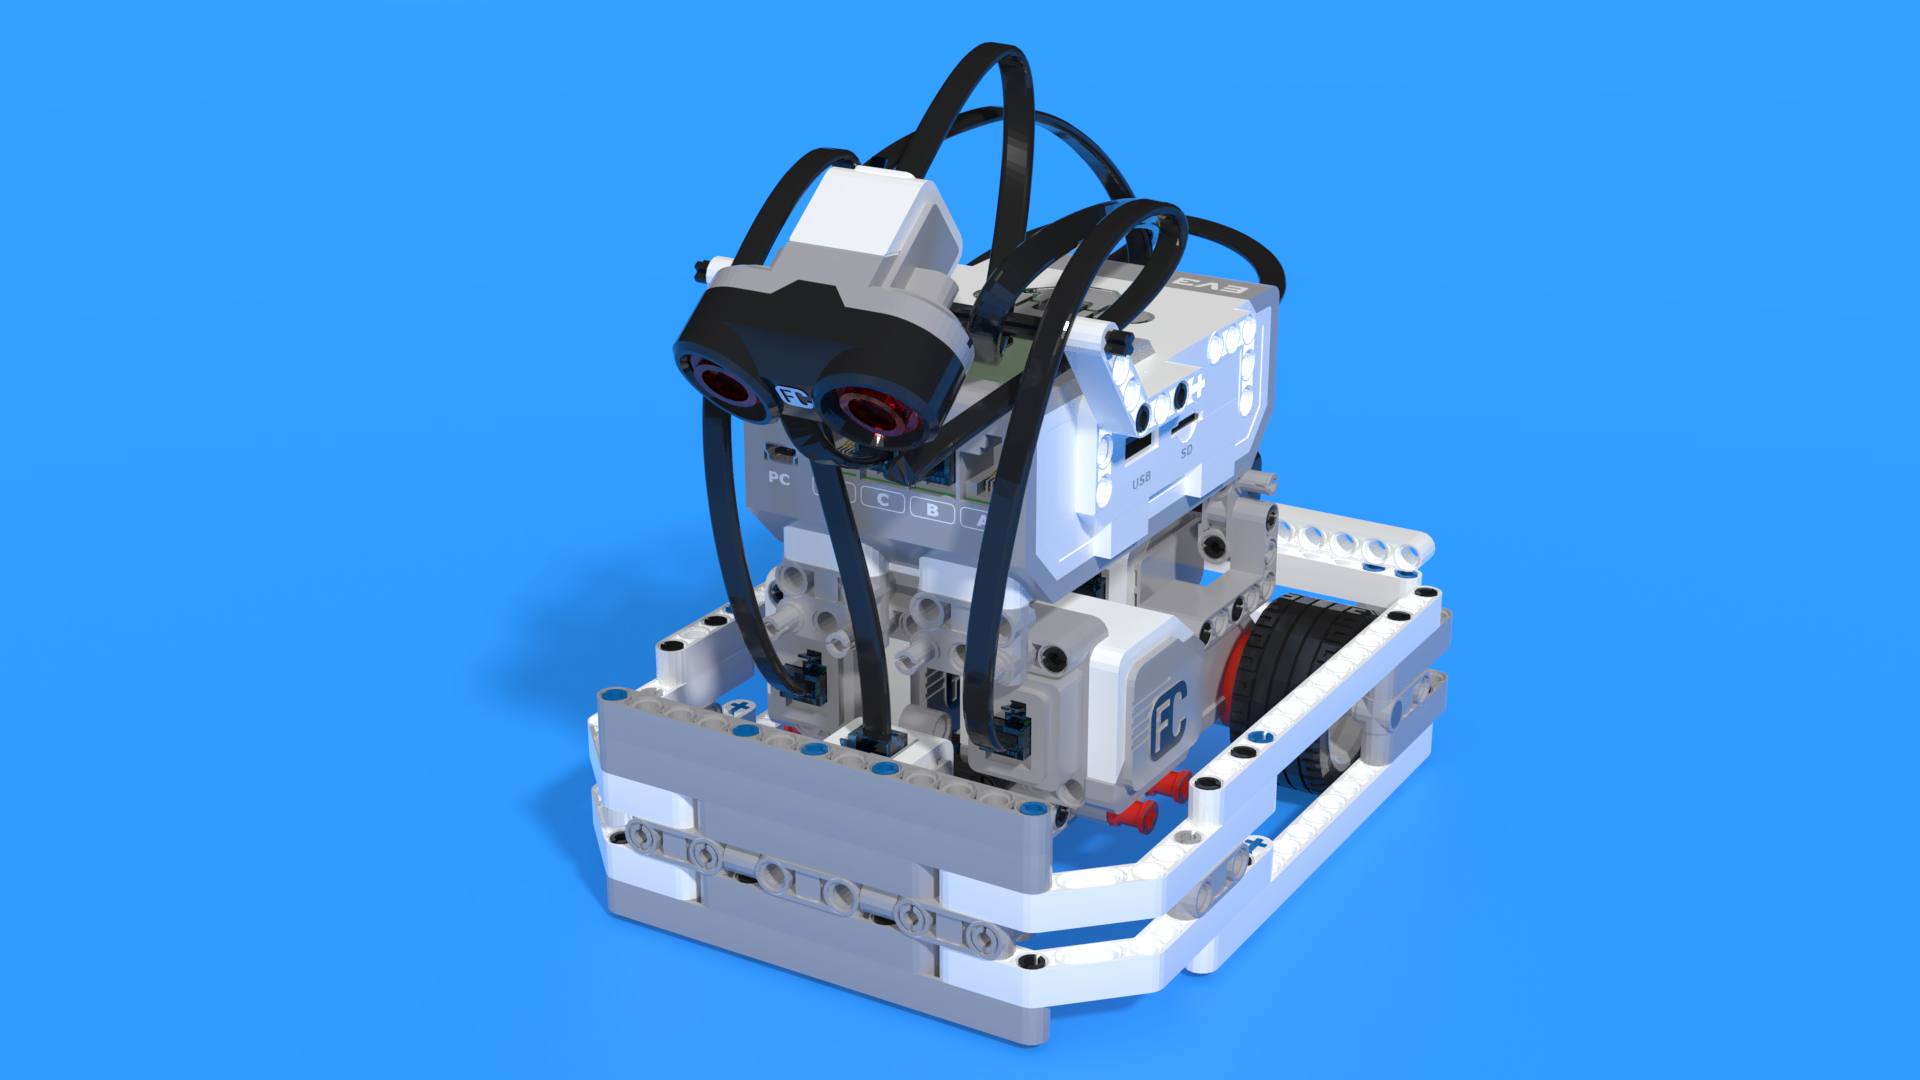 Omusbot - LEGO Mindstorms EV3 sumo robot